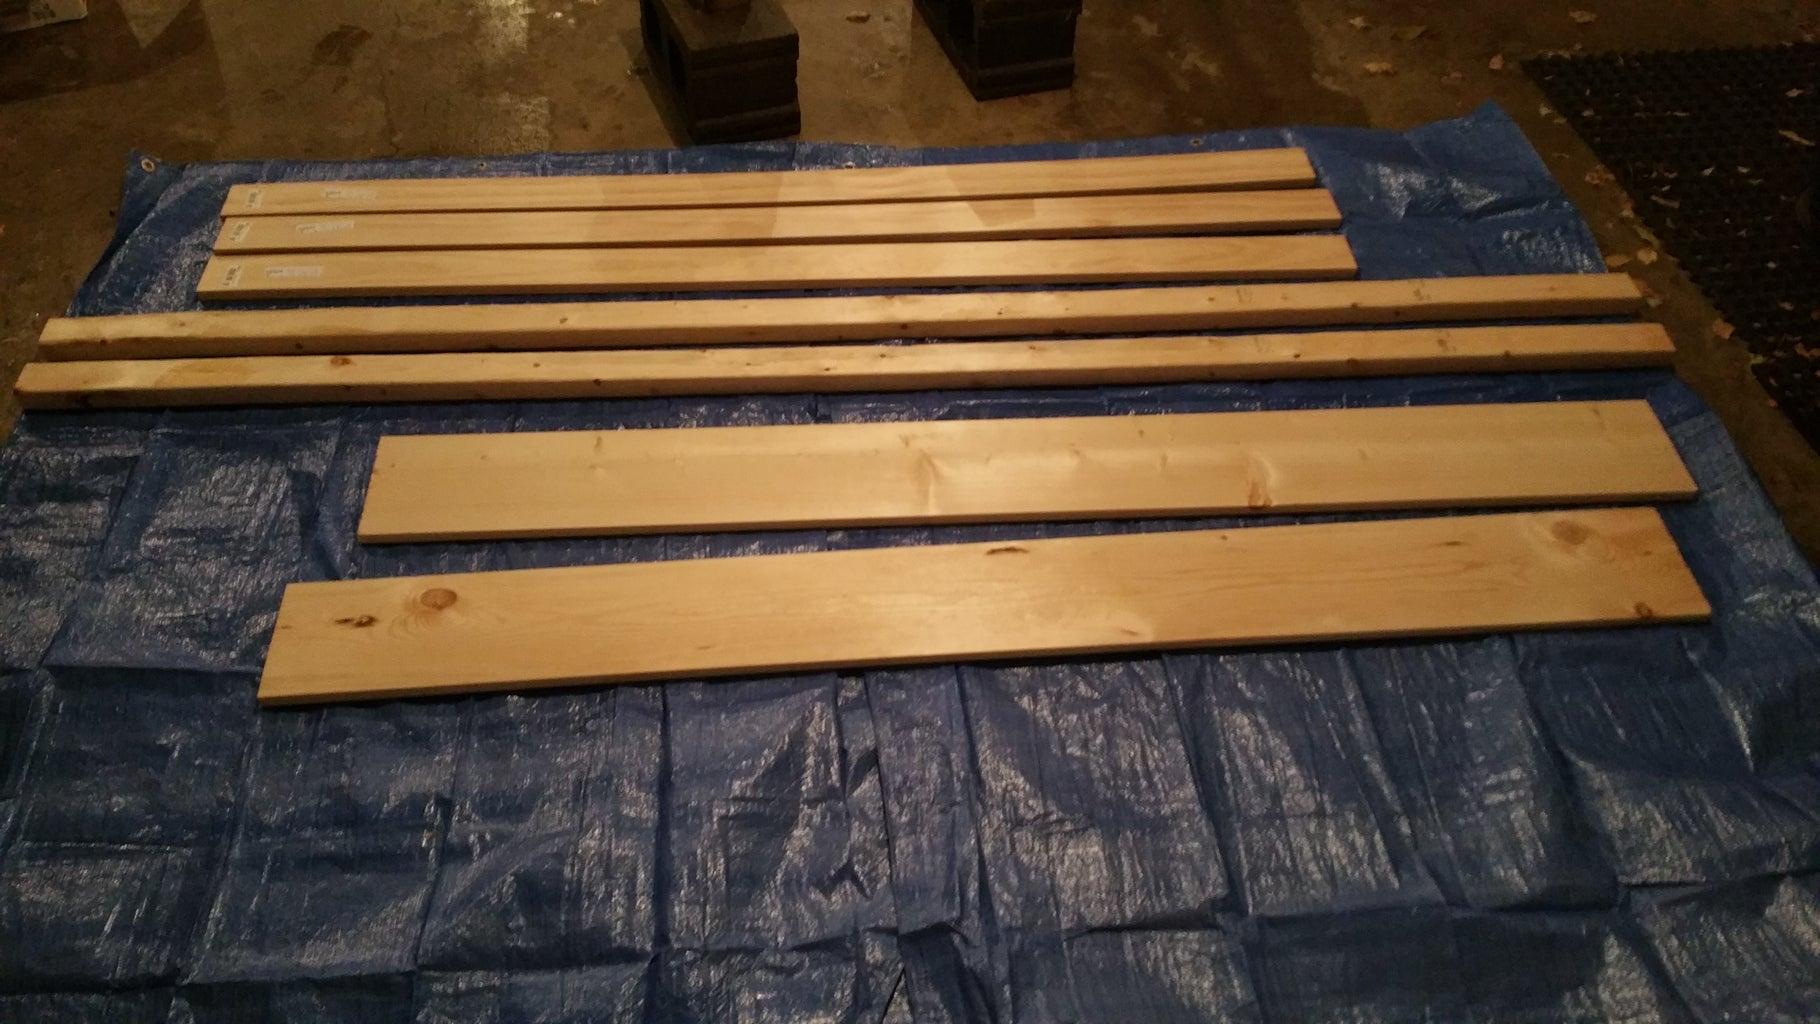 Wooden Bench Under $50